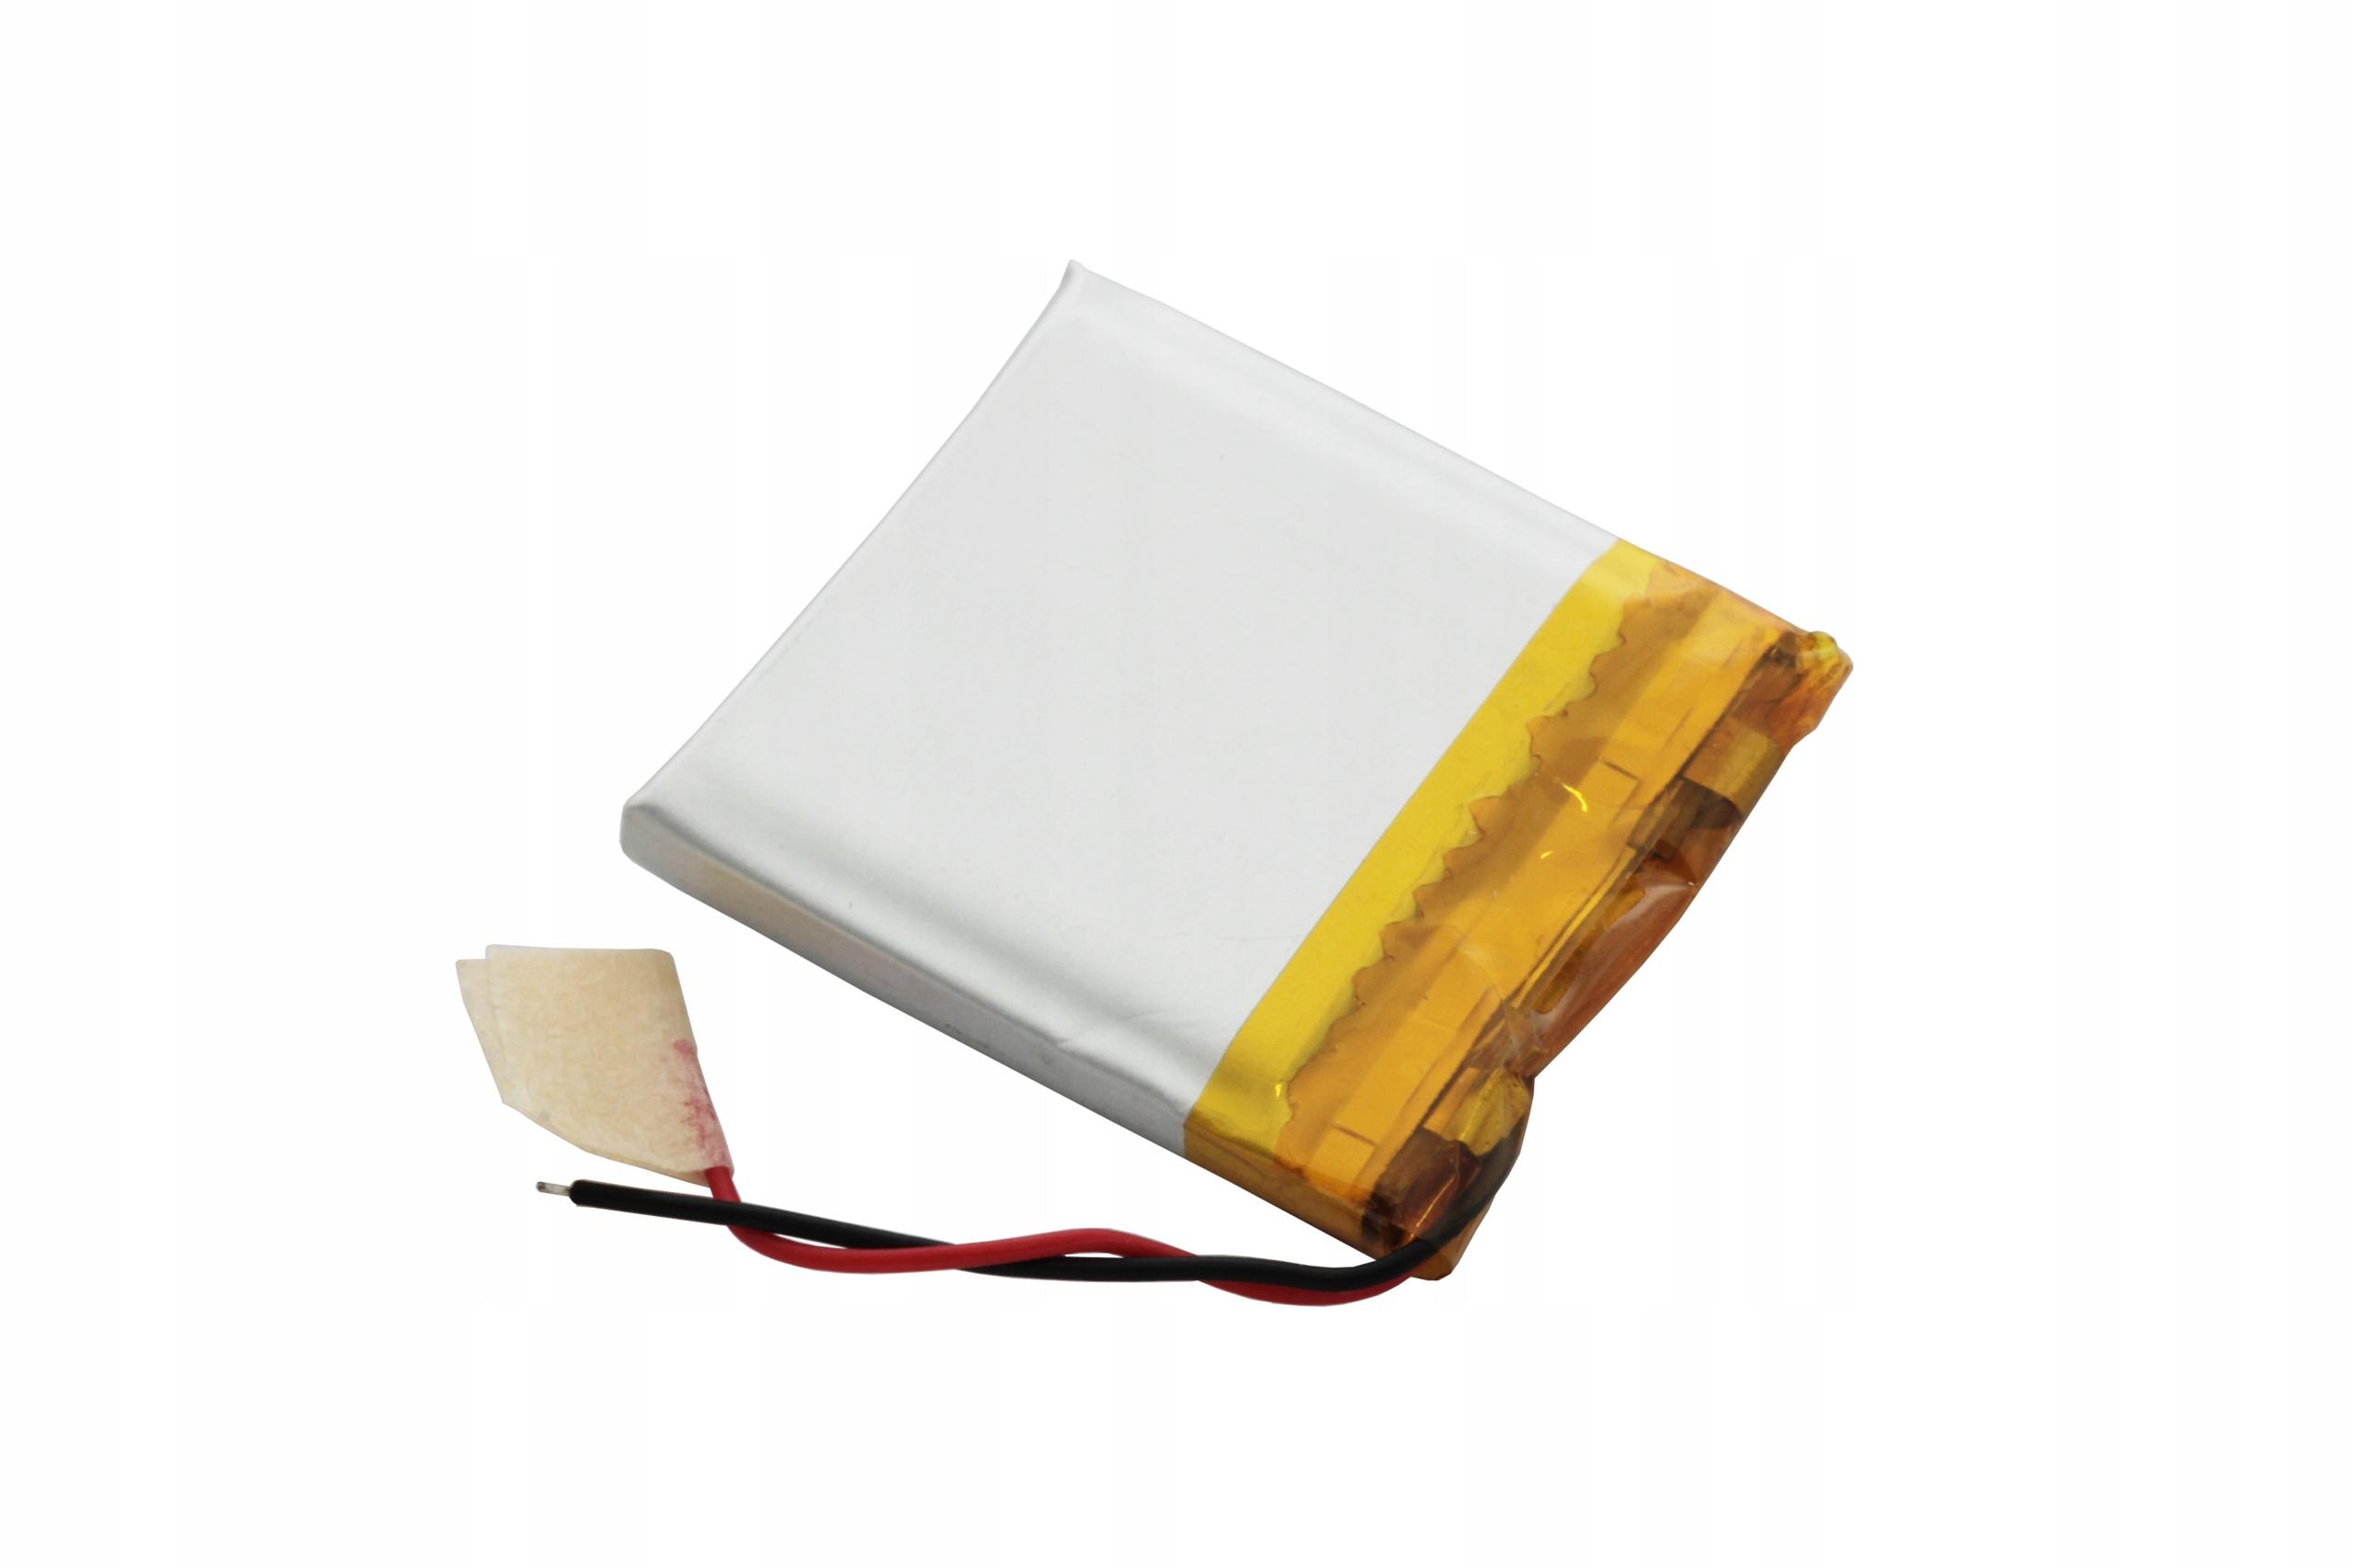 AKUMULATOR PRYZMATYCZNY Li-POLy 3,7V 450mAh 503030 Marka AmElectronics